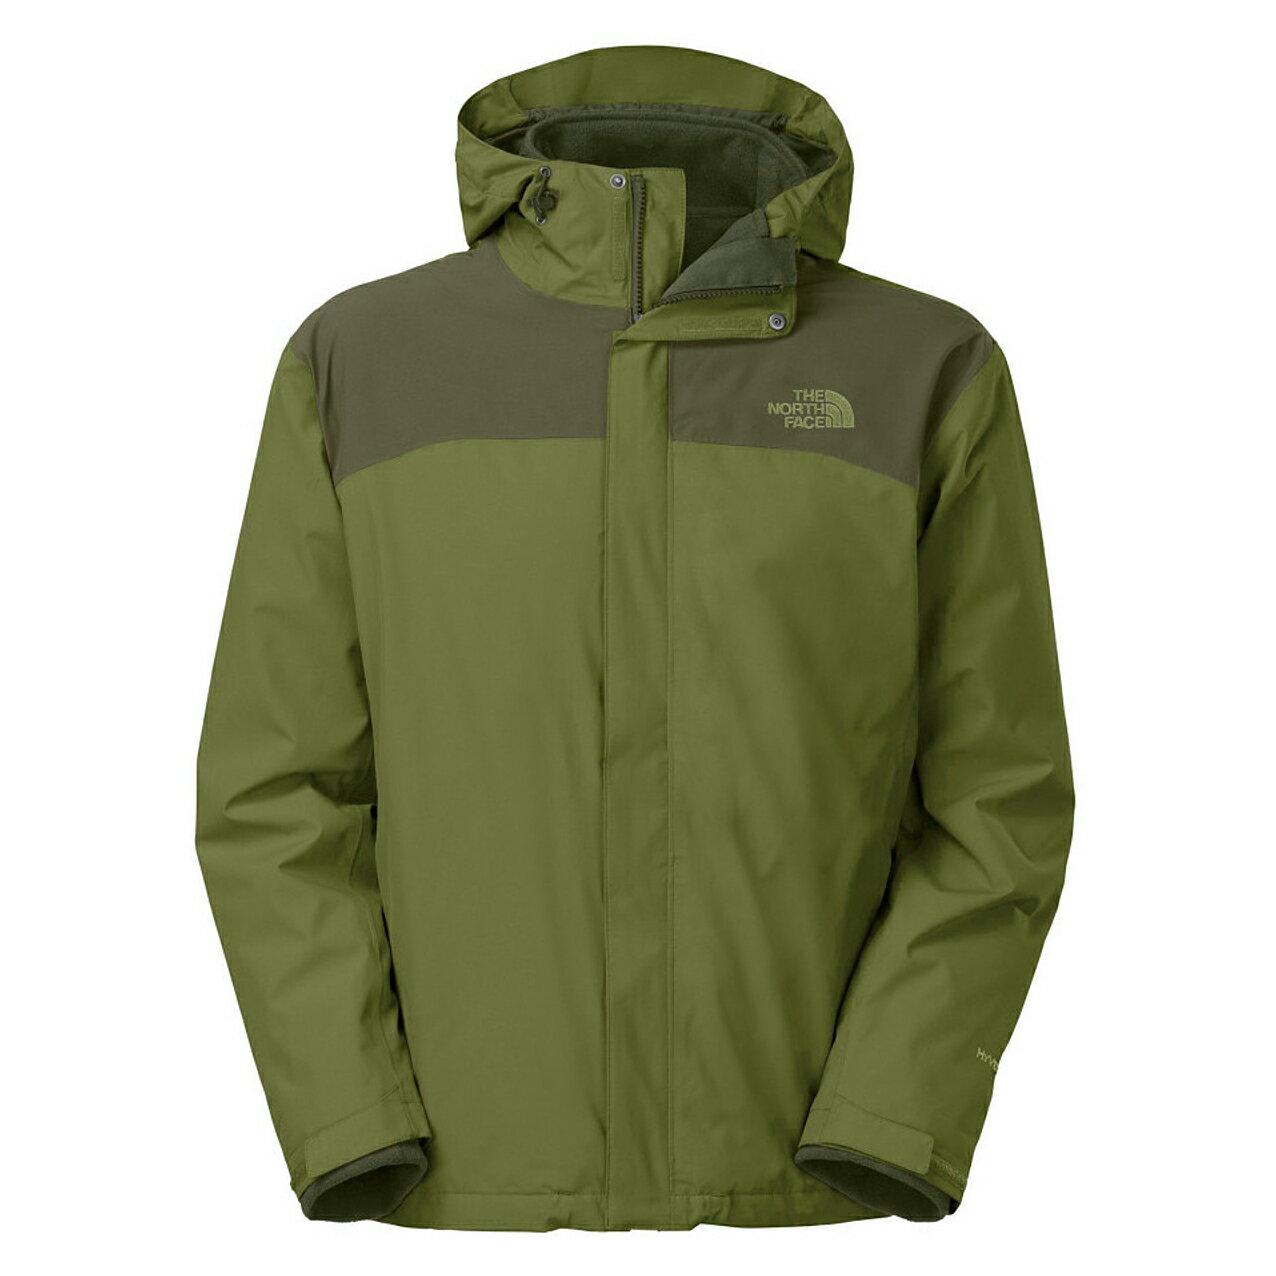 美國百分百【The North Face】外套 TNF 連帽 夾克 Hyvent 防水 兩件式 防寒 綠色 M E663